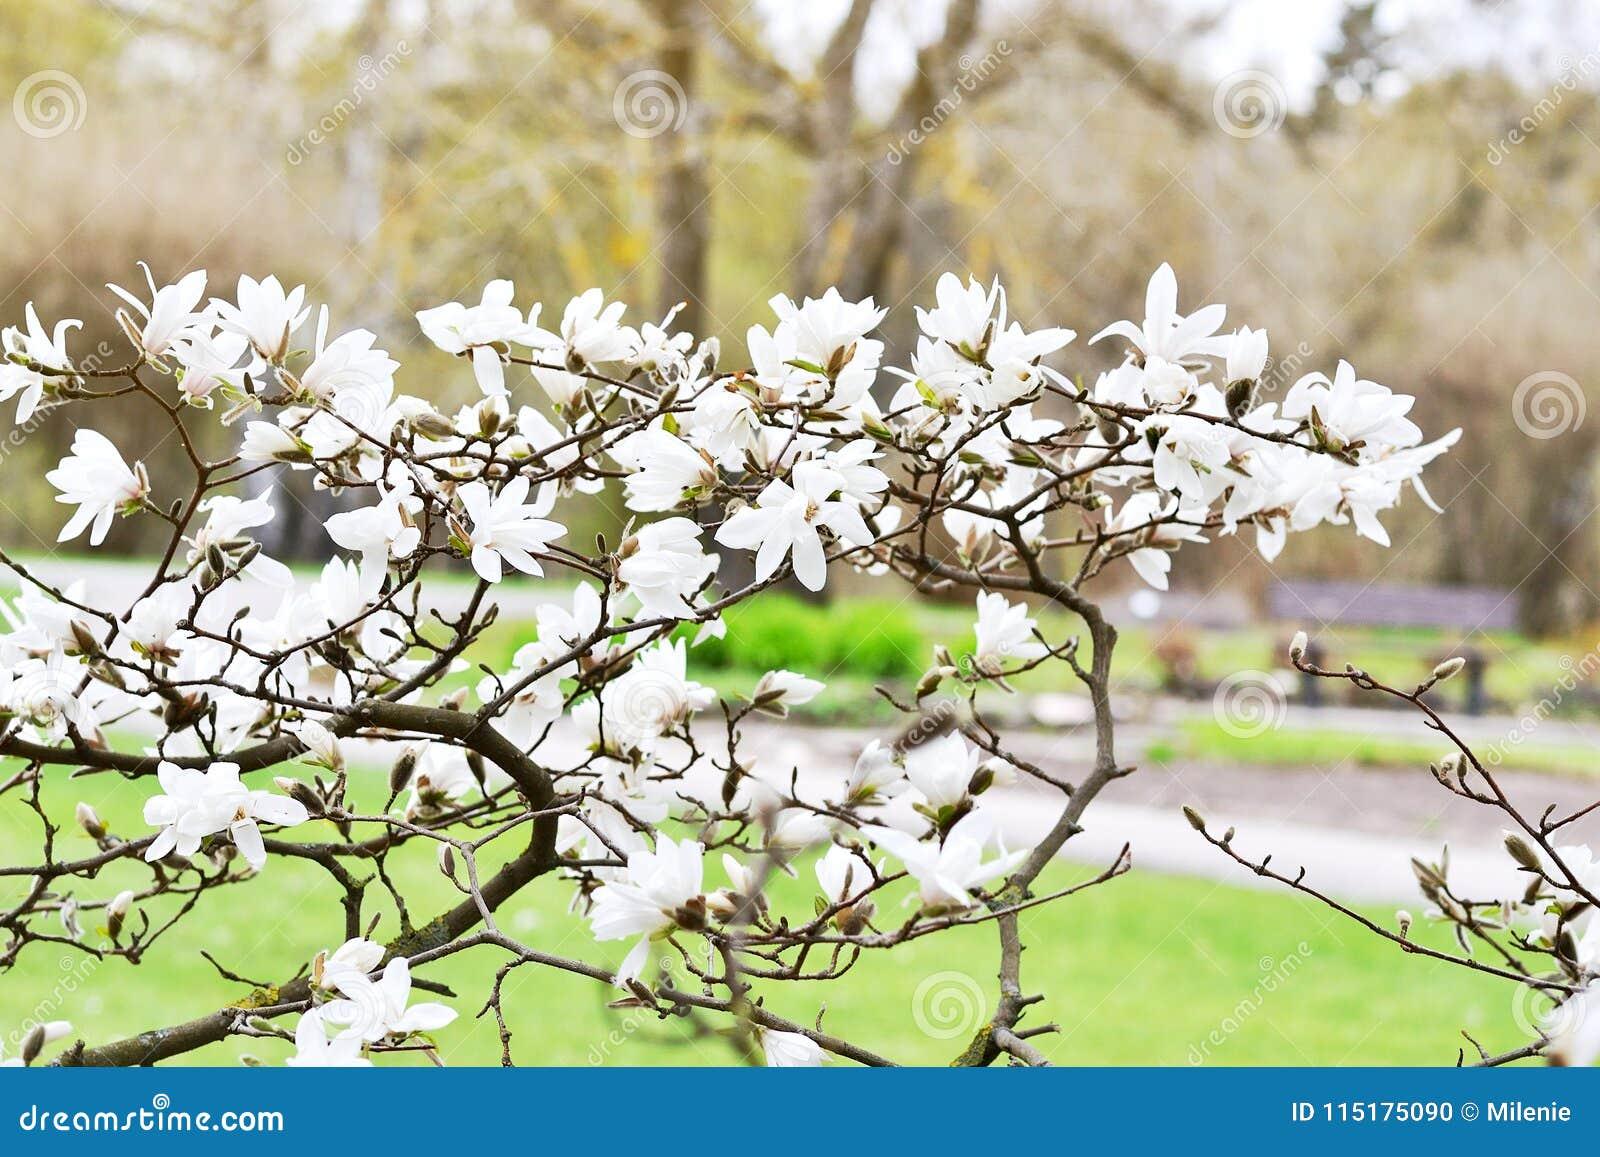 Beautiful White Magnolia Blossom On Magnolia Tree Stock Photo Image Of Magnolia Floral 115175090